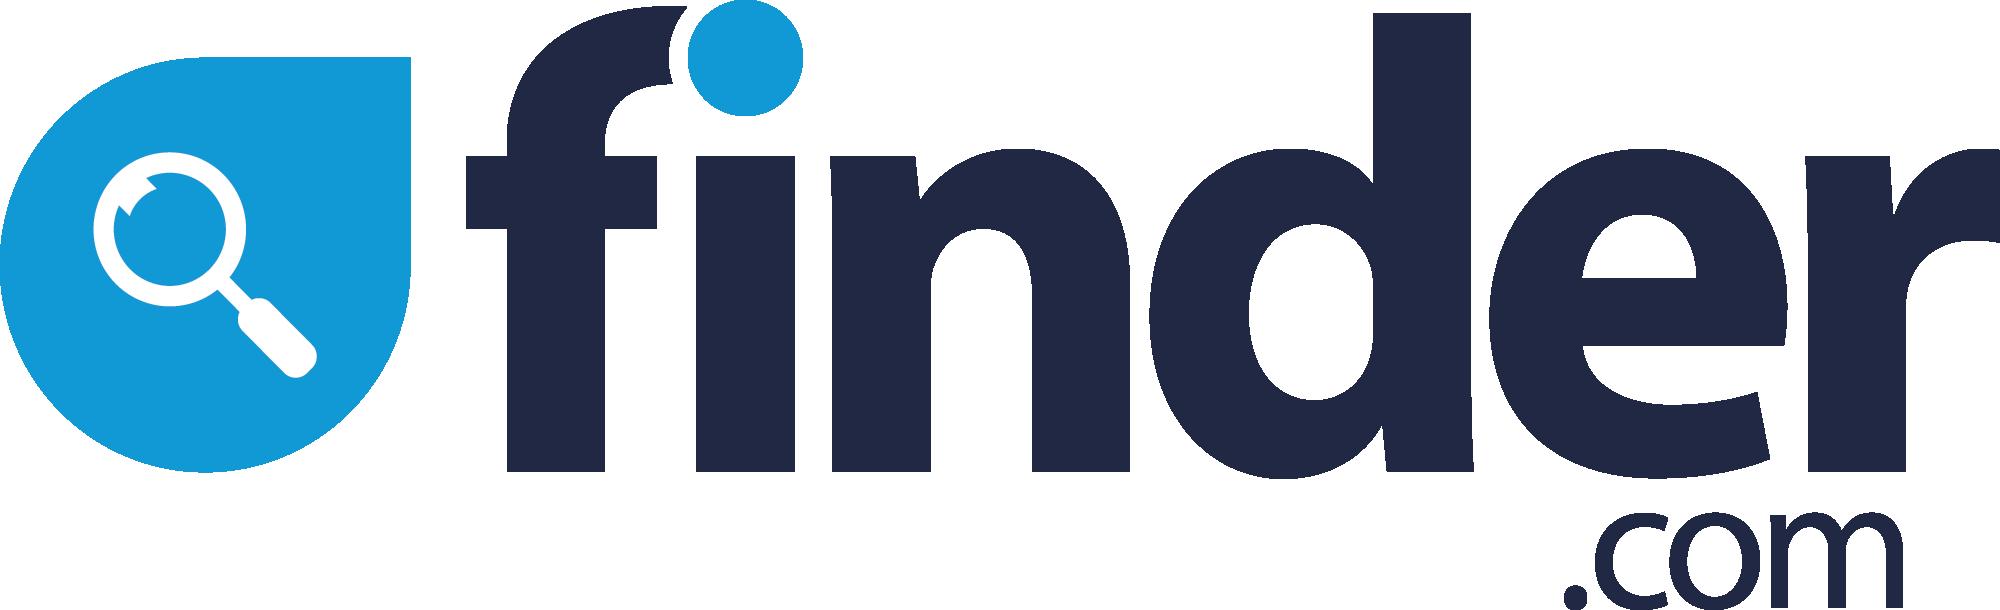 finder-dot-com